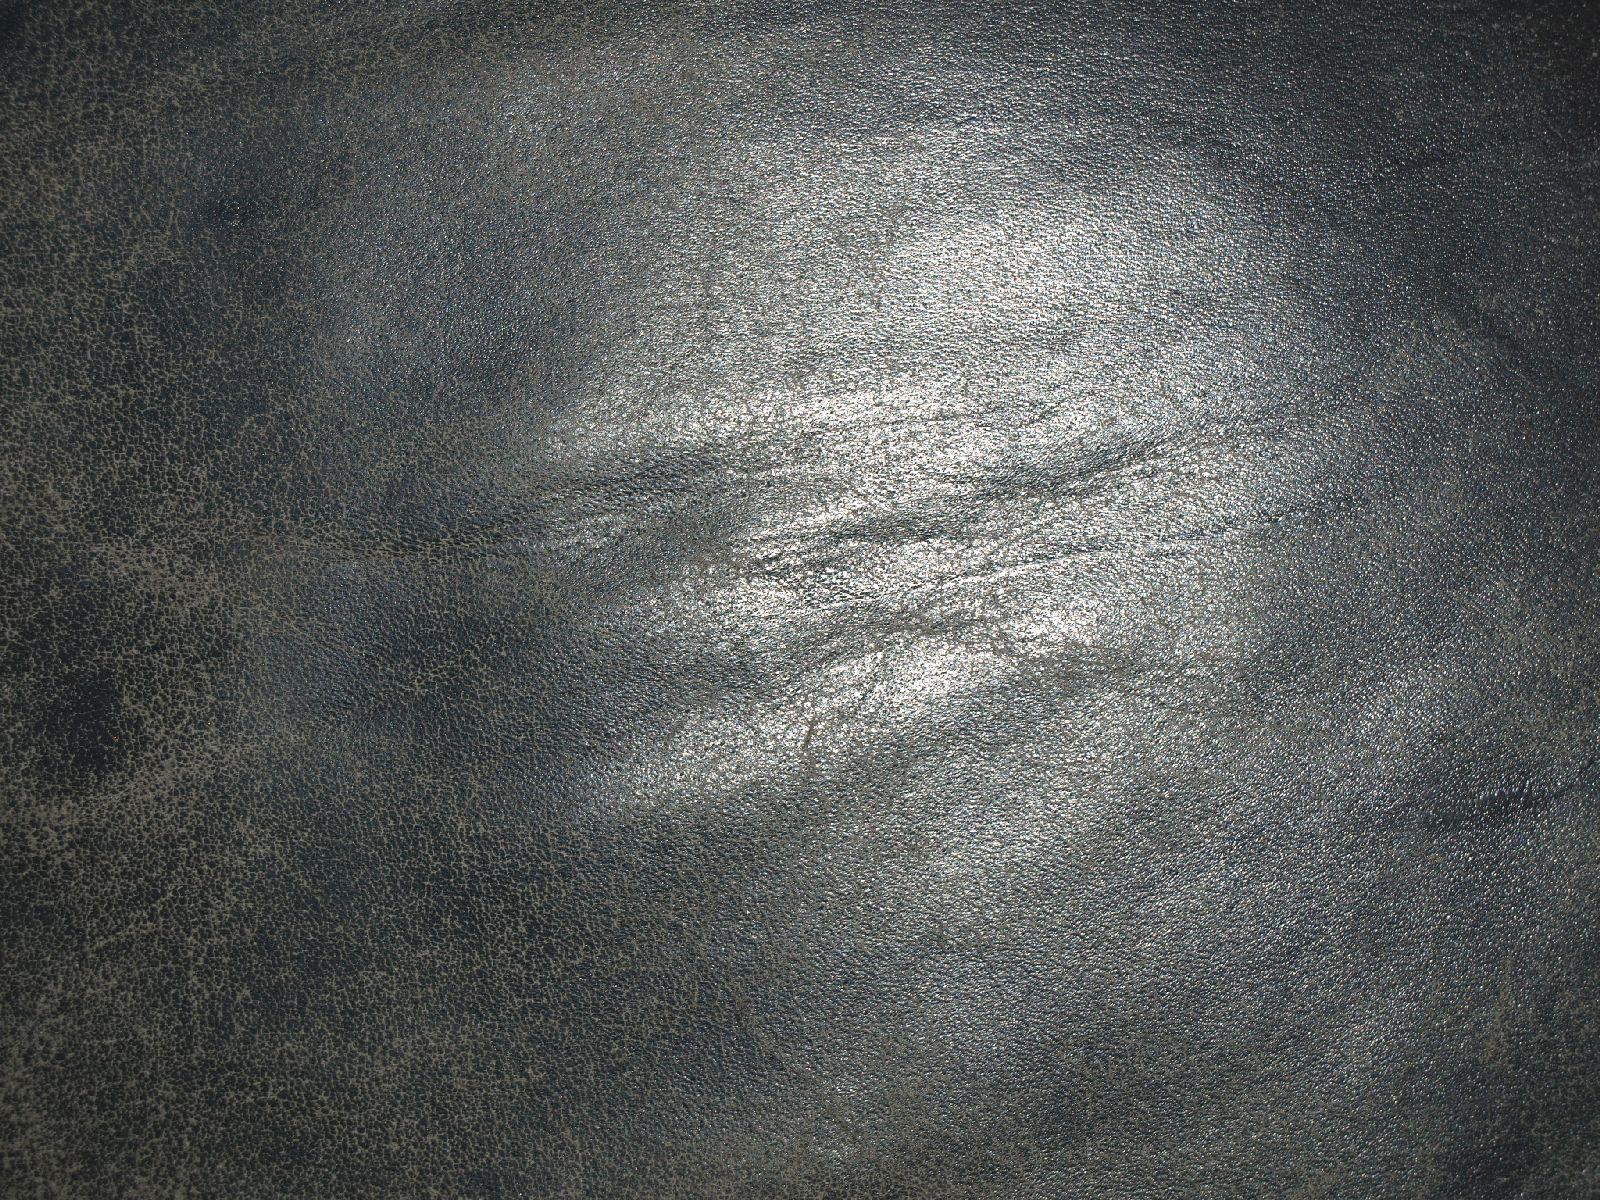 Various_Texture_A_PB226765